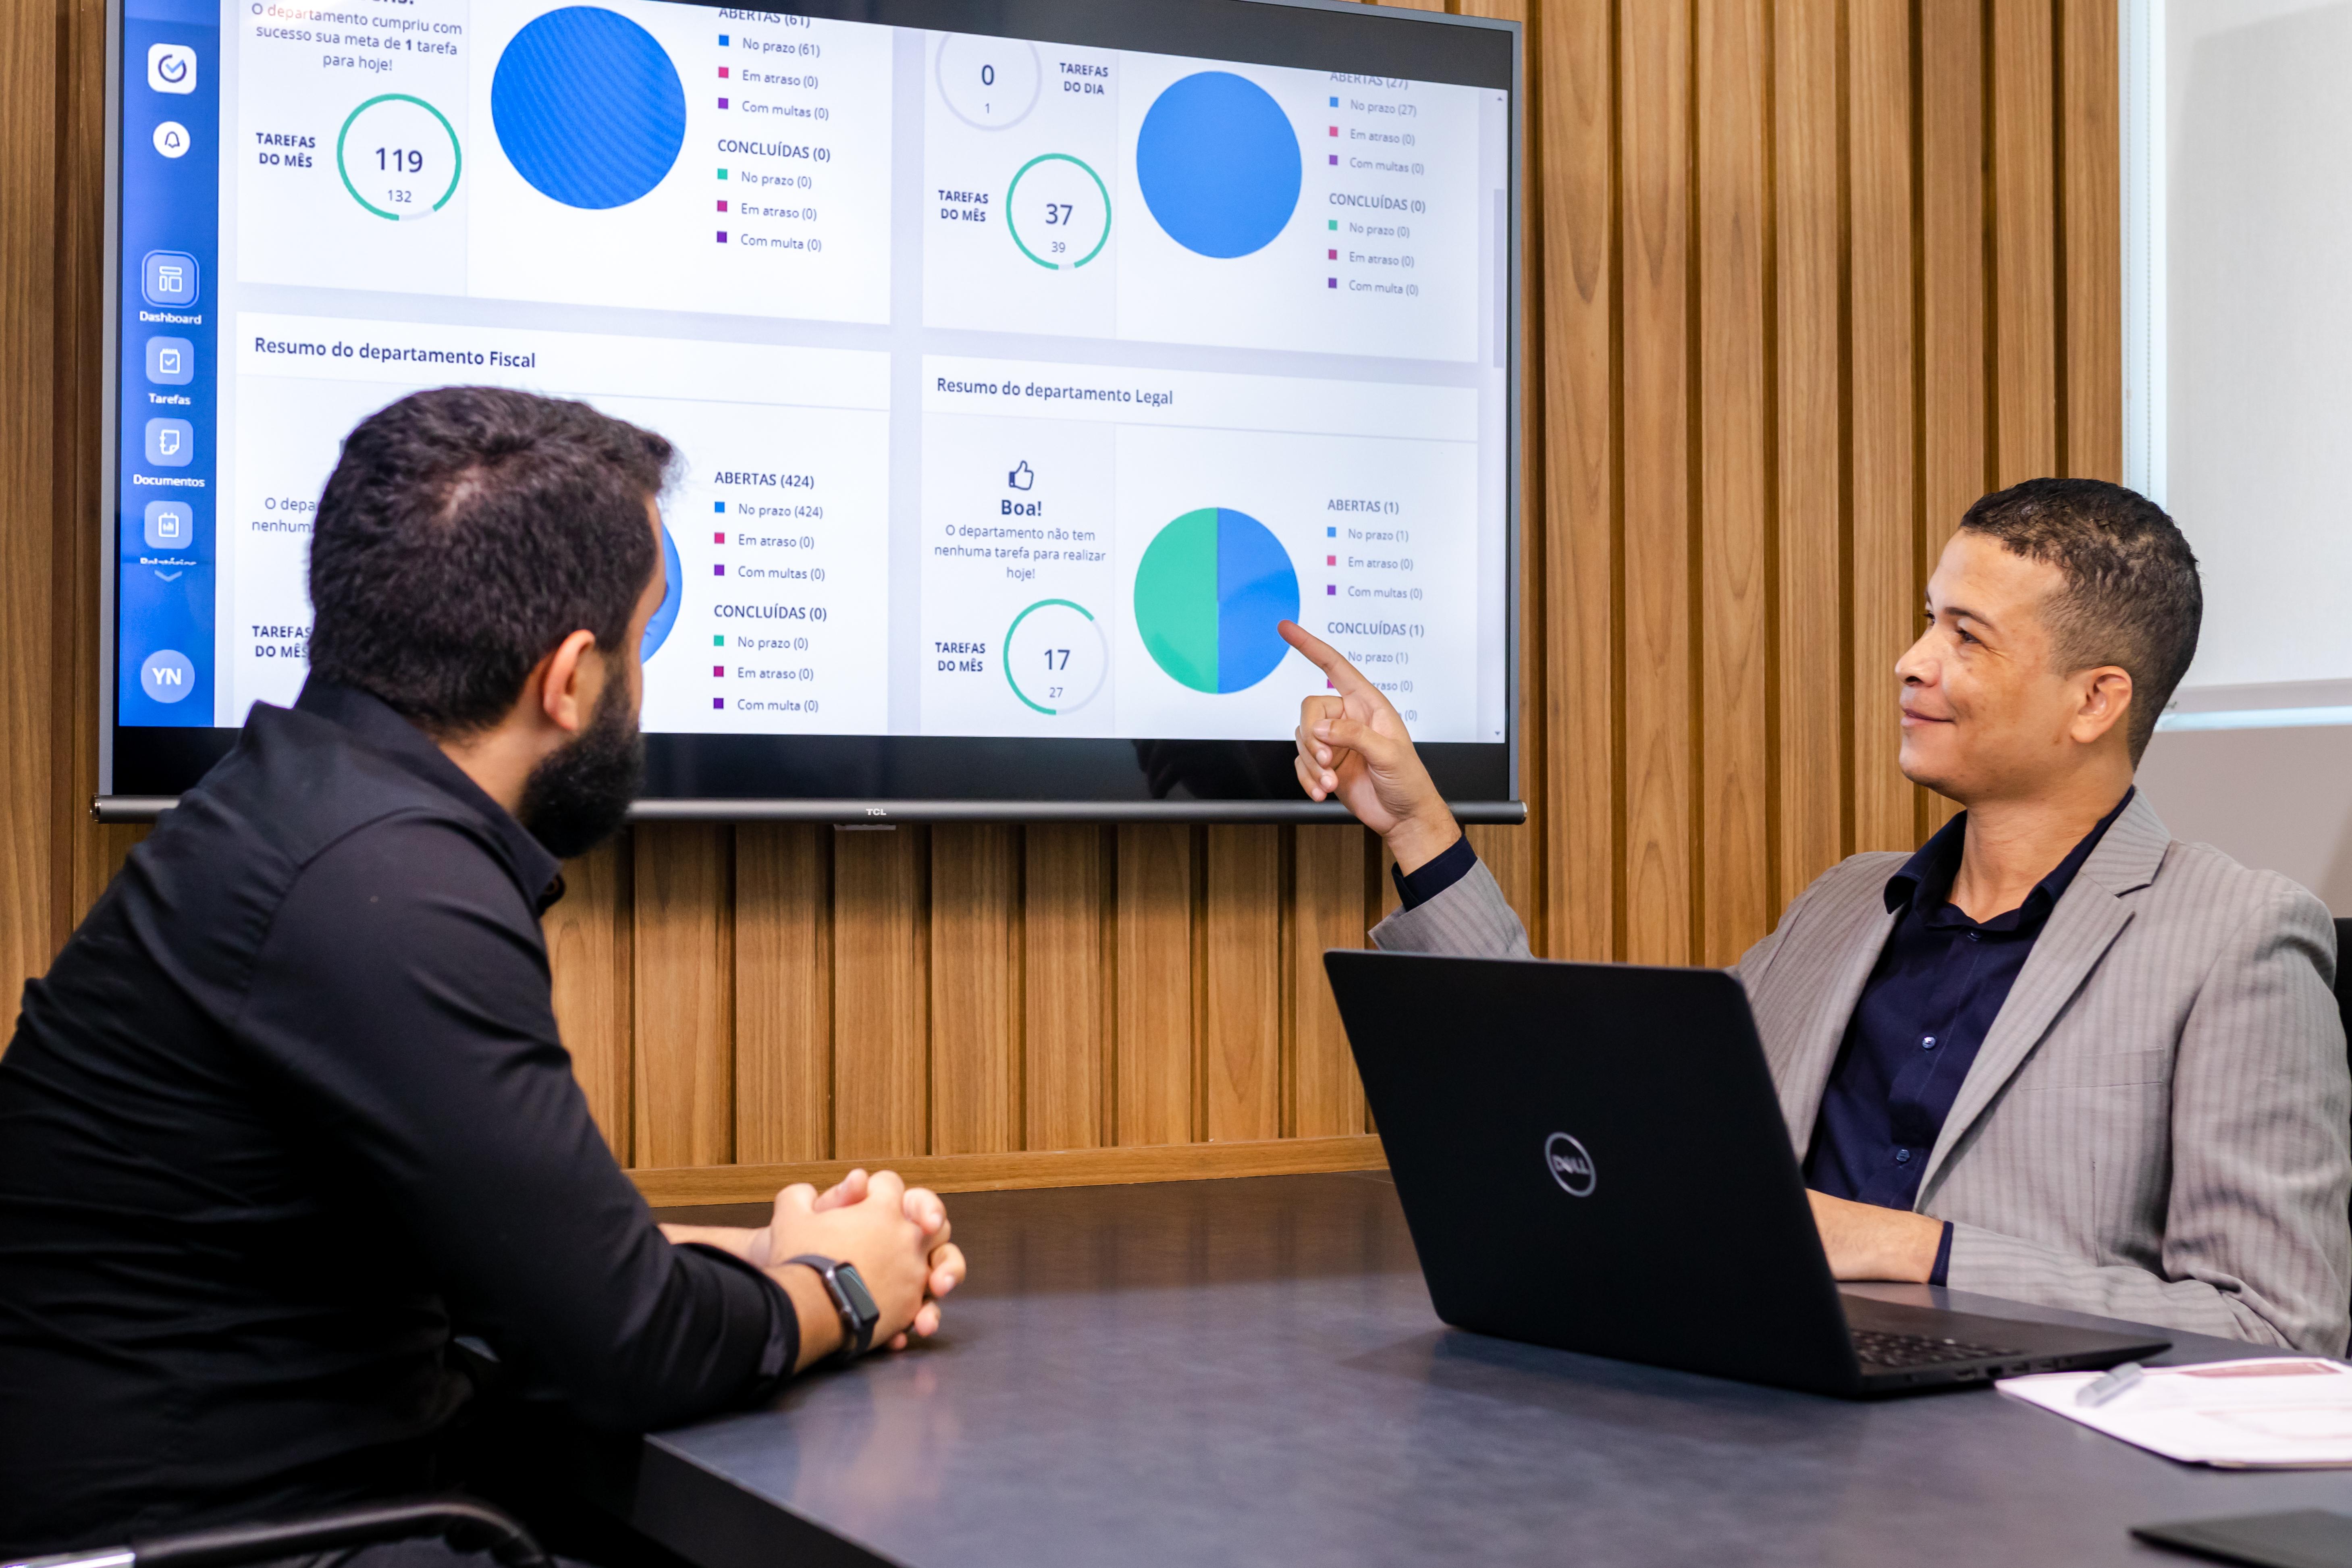 Contabilidade consultiva: Ricardo Santos fala sobre a sua importância